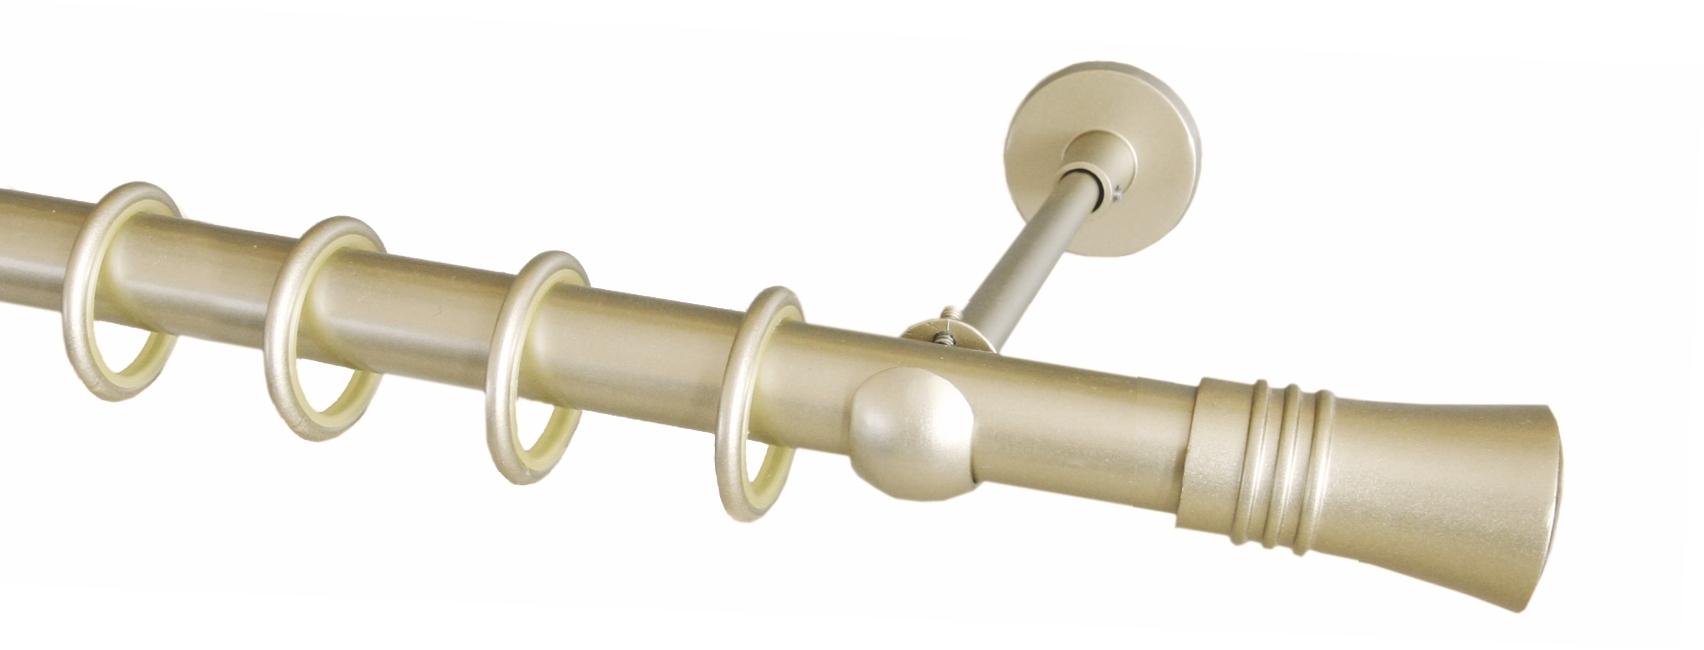 Профильные металлические деревянные карнизы серия эко квадро.